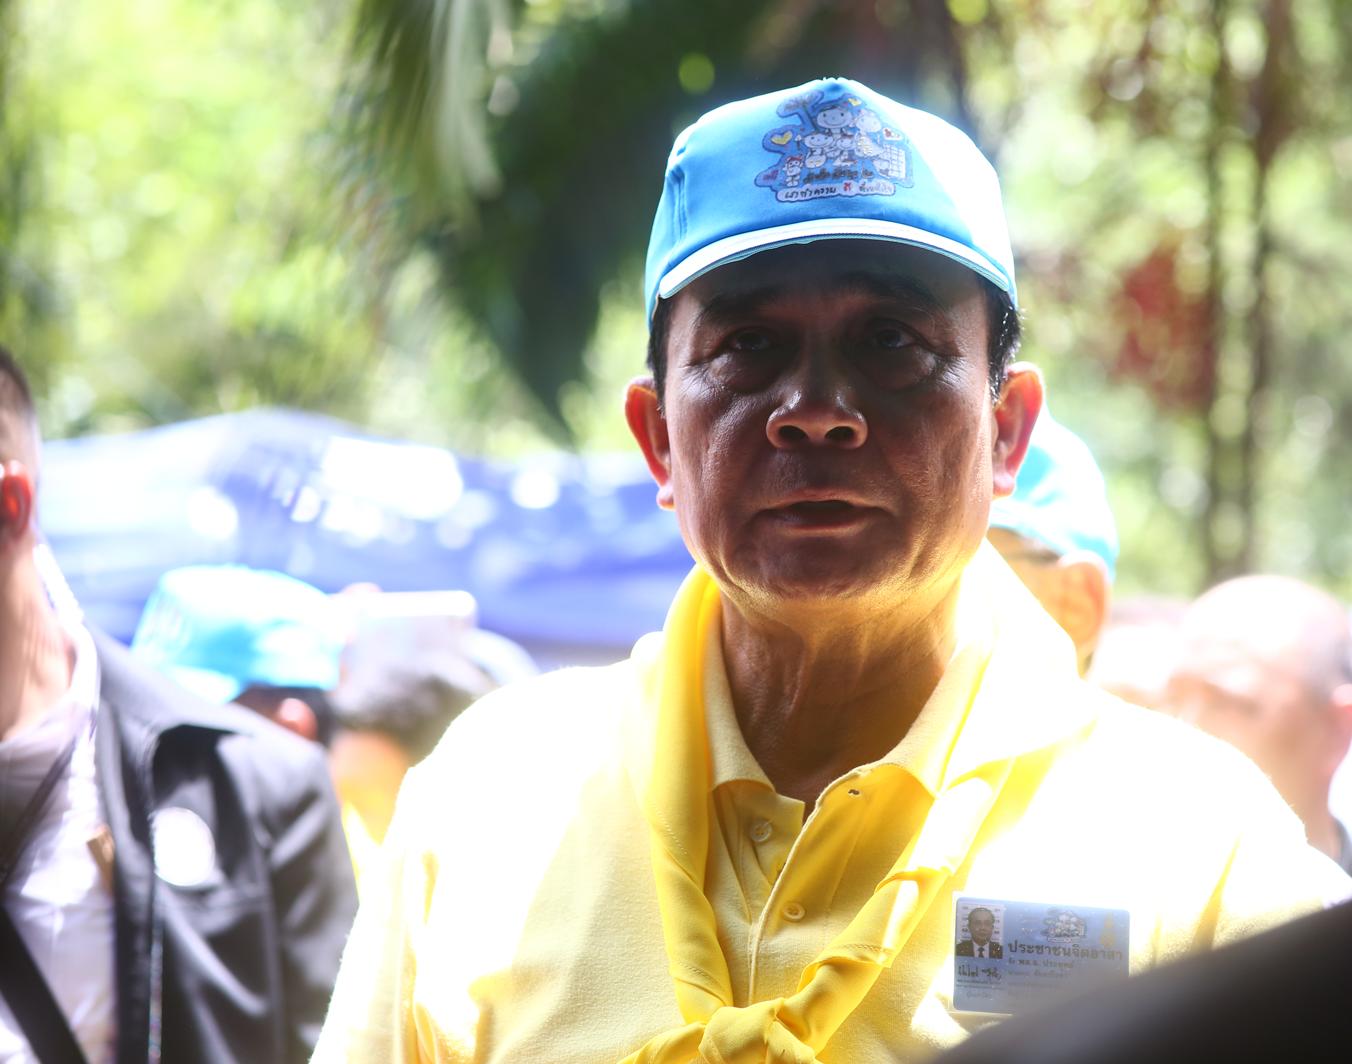 Le Premier Ministre a remercié les sauveteurs et l'ensemble des personnes impliquées dans les opérations visant à retrouver et évacuer les 13 personnes coincées dans la grotte de Tham Luang, dans le nord de la Thaïlande